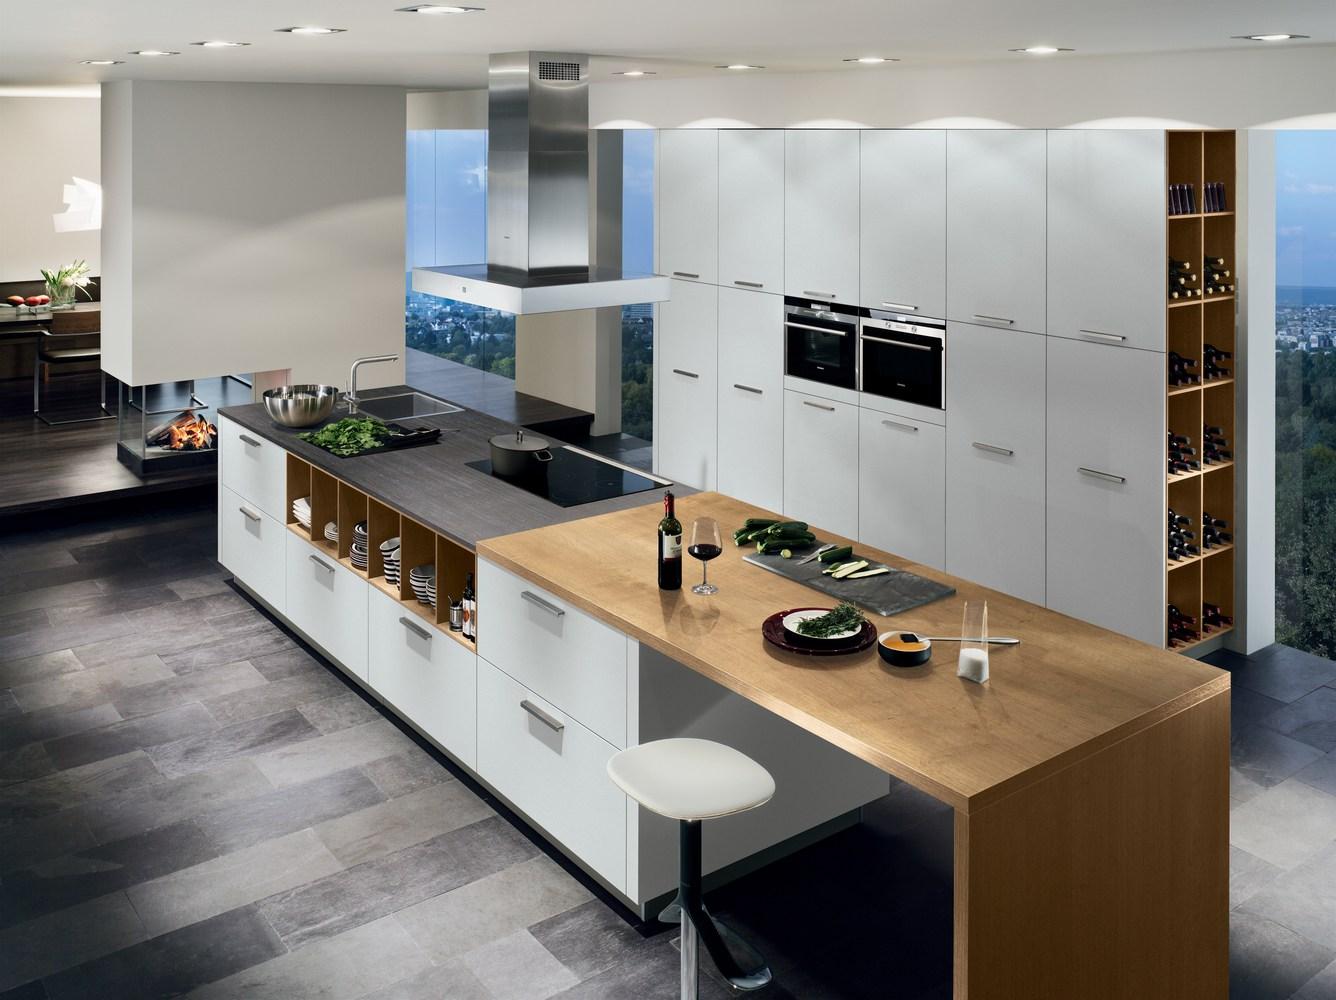 Weinregal für küche  Linie 12 - Küche - Beratung, Planung, Ausführung